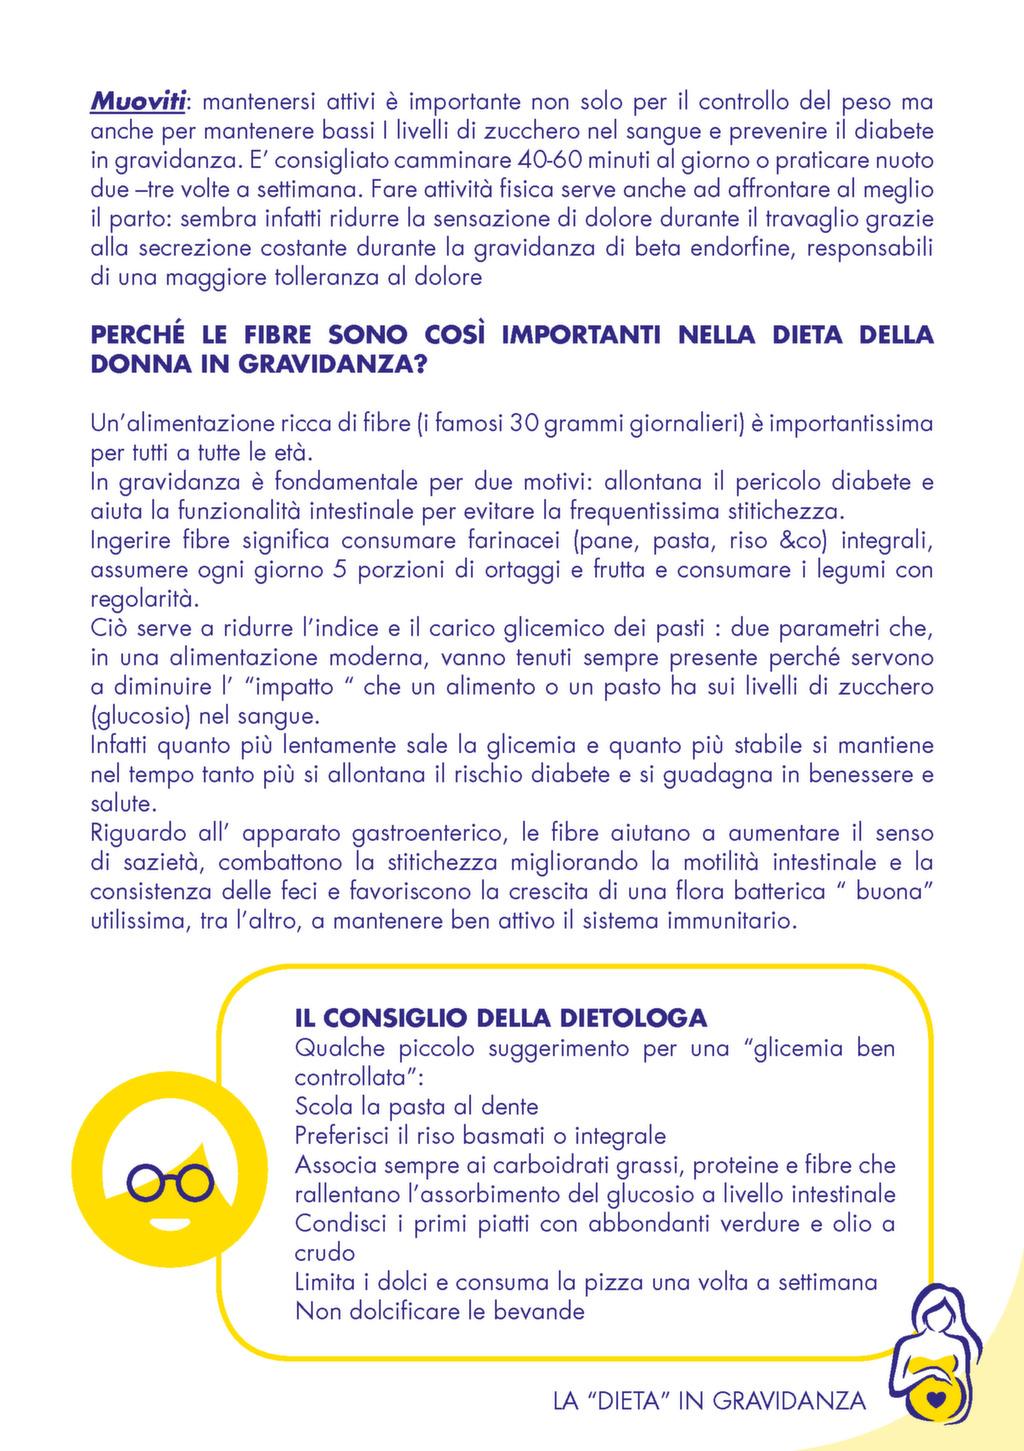 """Opuscolo """"La dieta in gravidanza"""" Tigros - Imaginor srl.."""